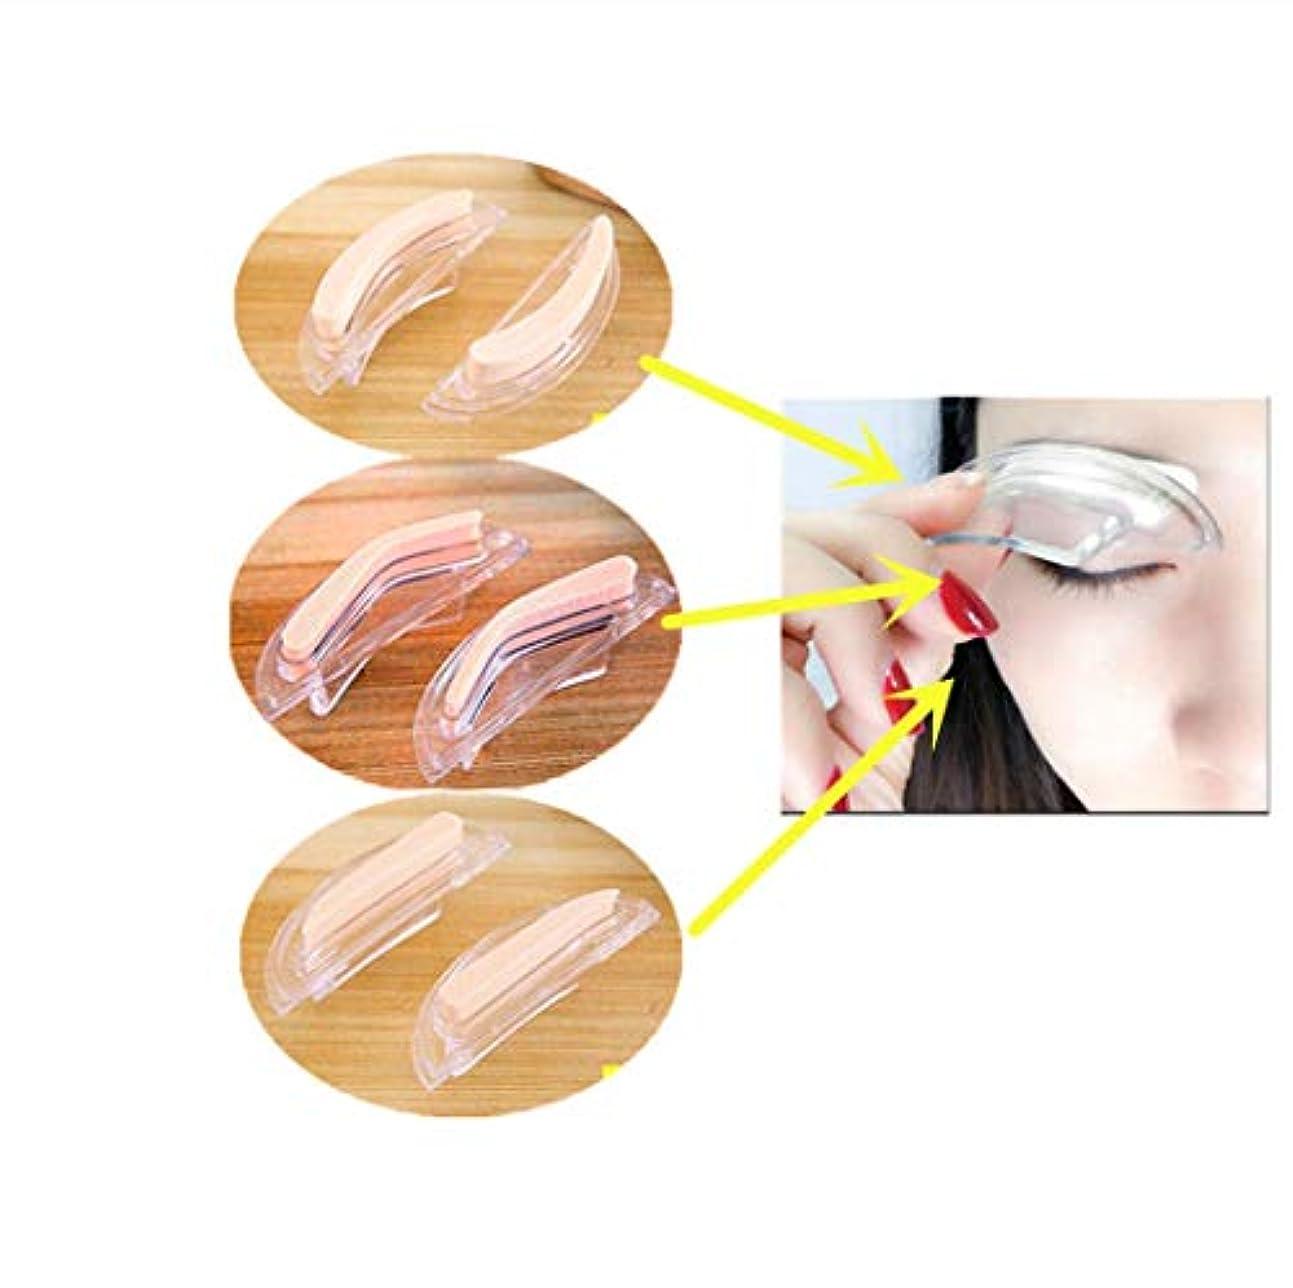 影響する平野額Dexinyigeアイブロウ スタンプ 眉毛 ストレートアイブロウスタンプ トレンドストレート /3種類の眉形セット 美化粧道具 入れ墨道具